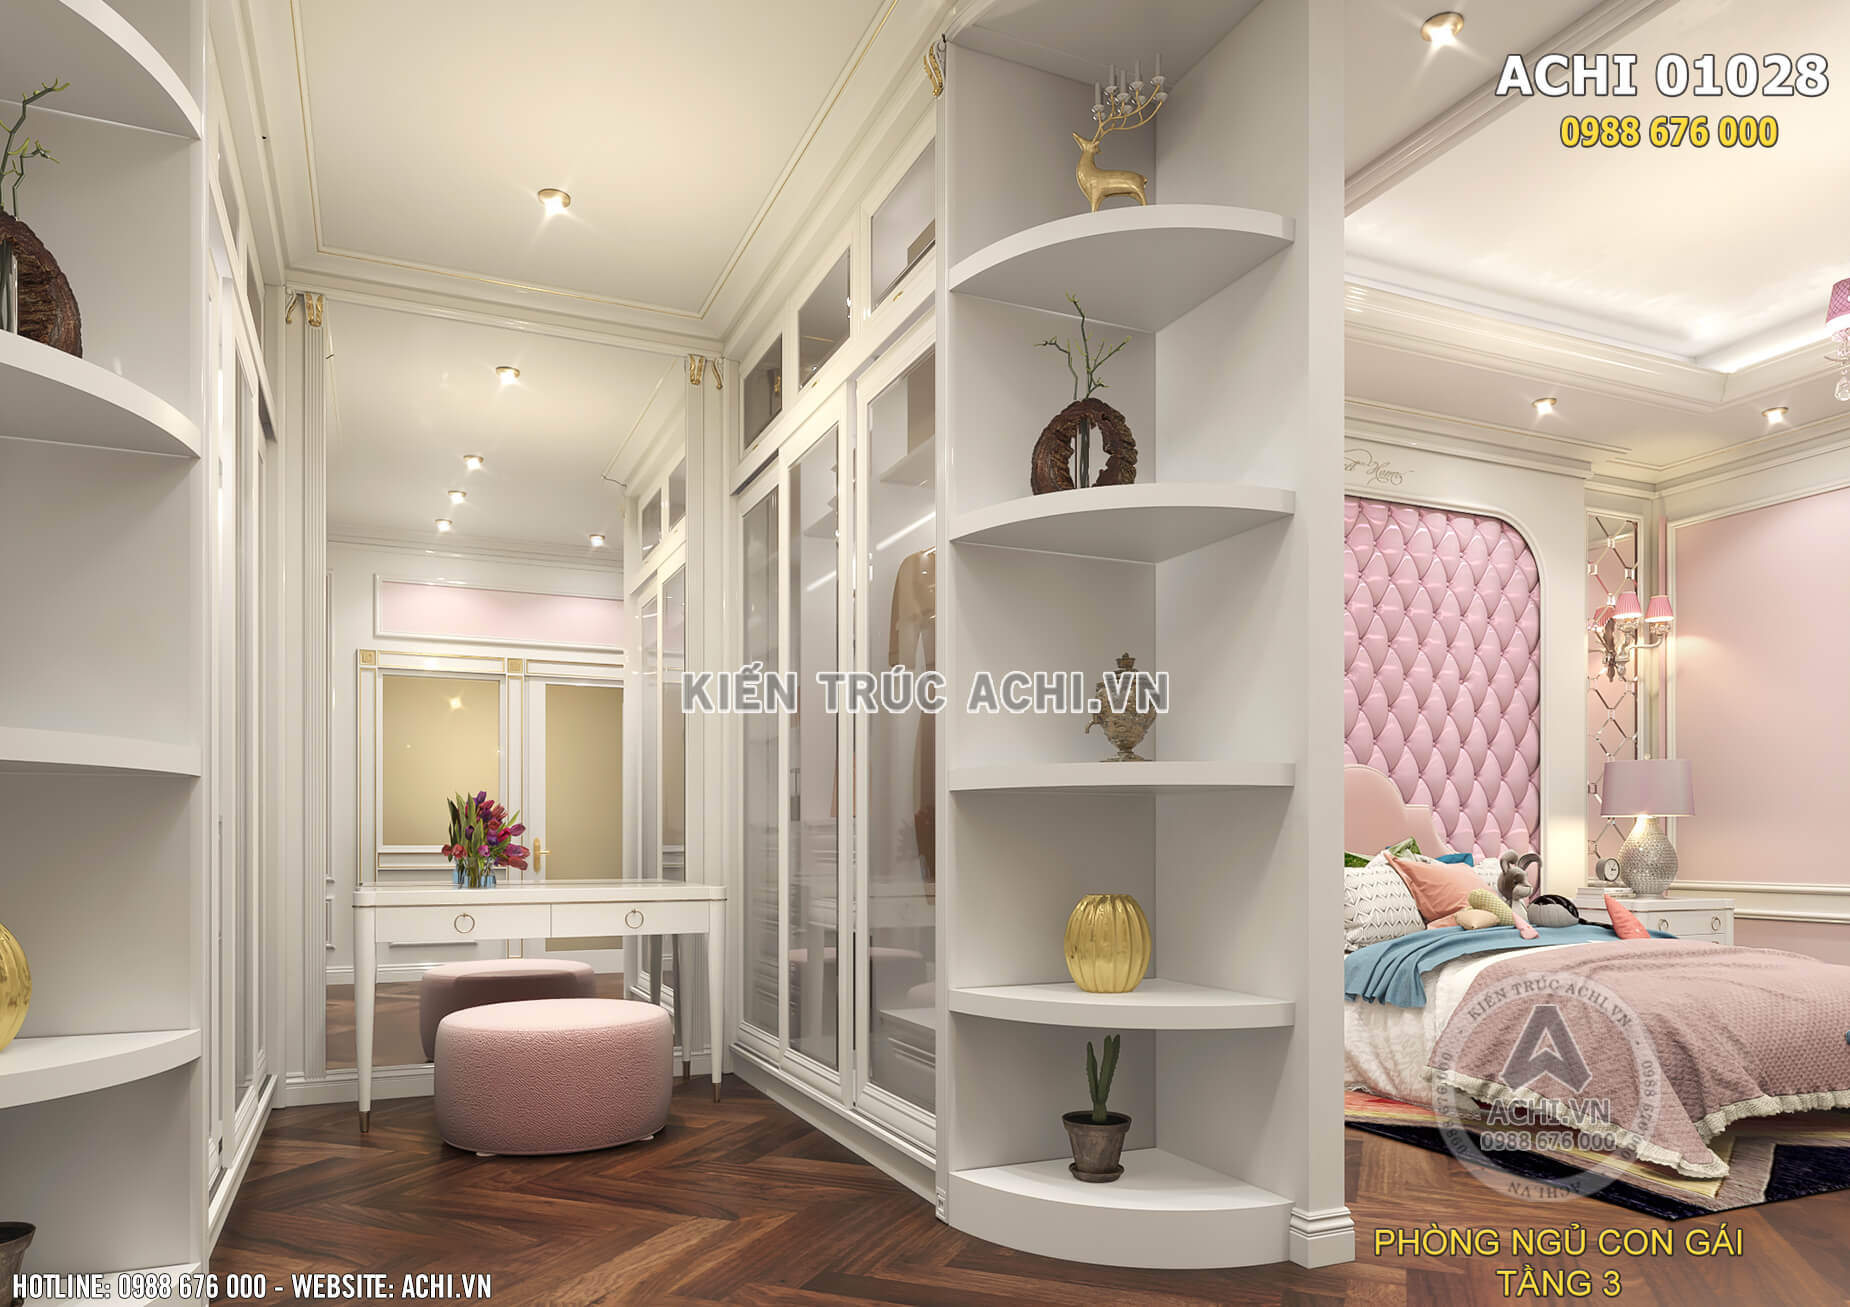 Không gian phòng ngủ cho con gái với gam màu hồng thơ mộng